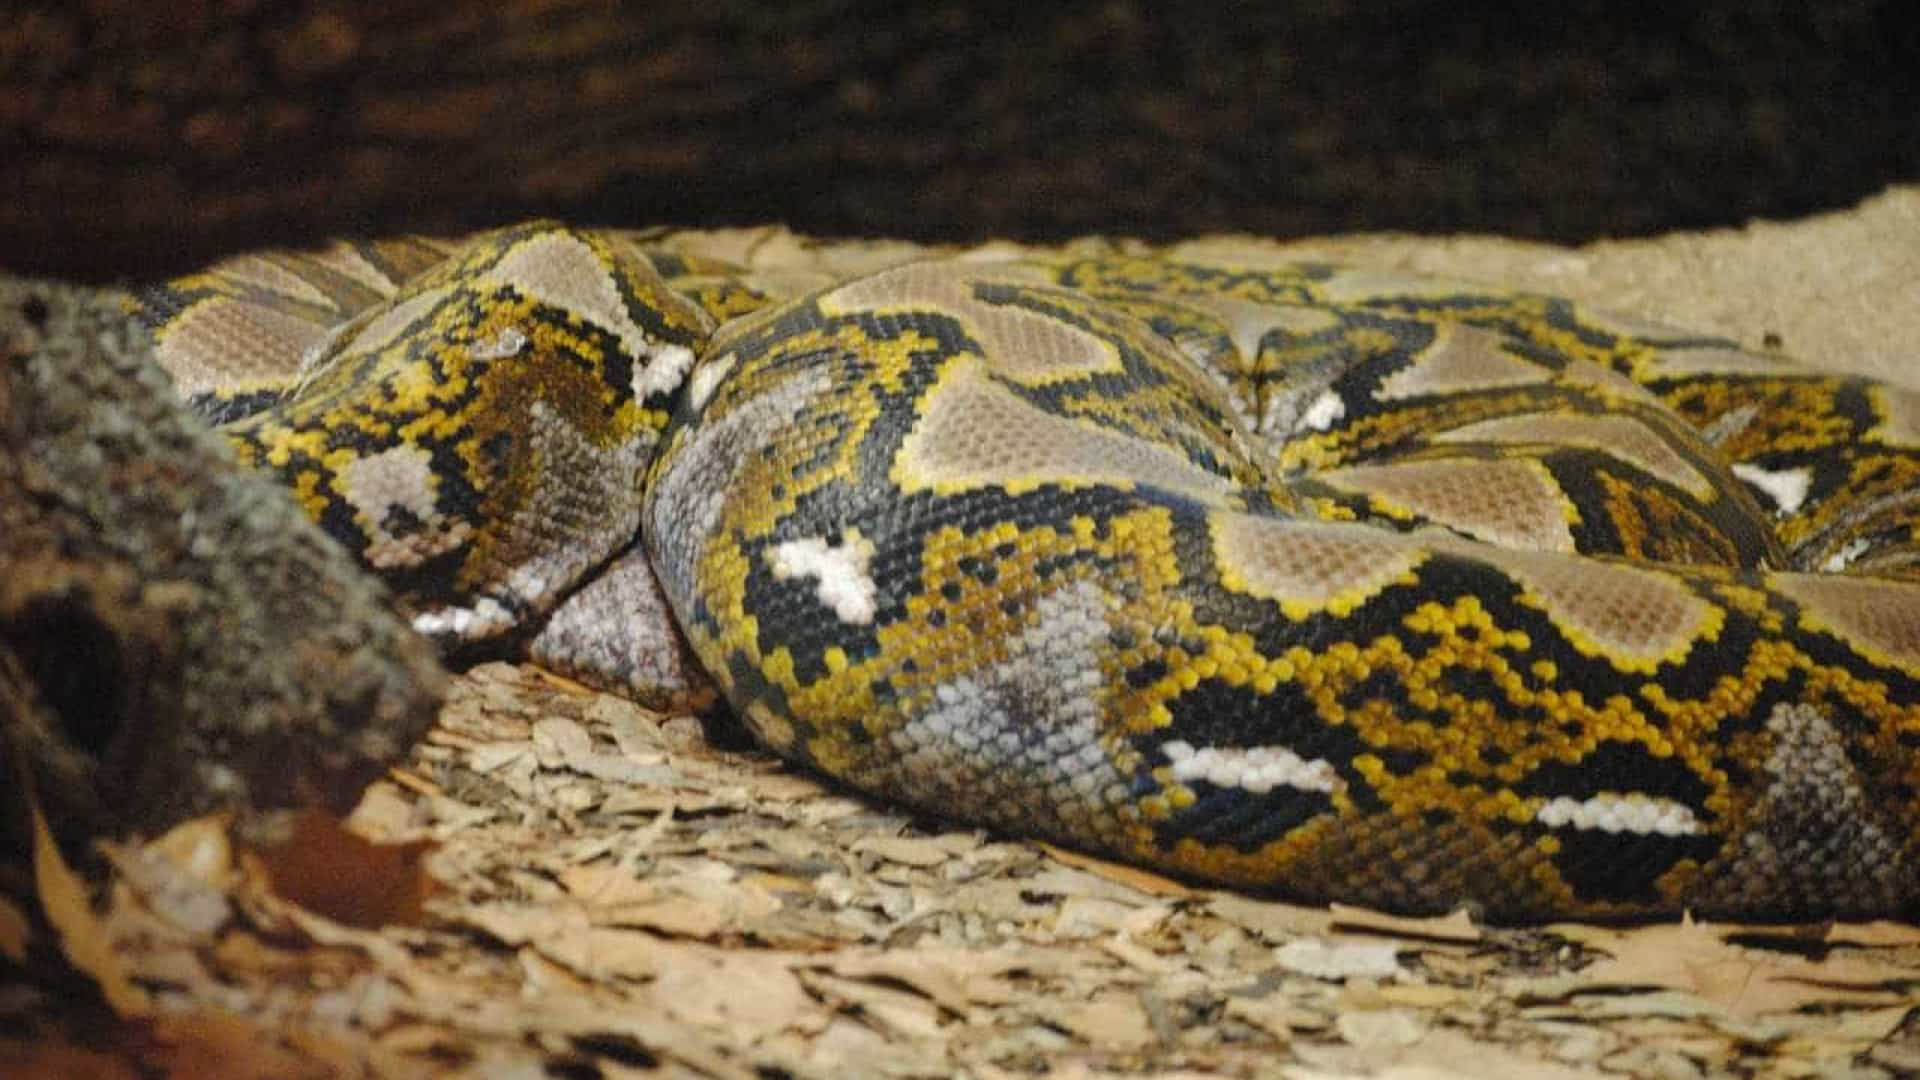 Encantador de serpentes foi mordido e morreu em seis minutos